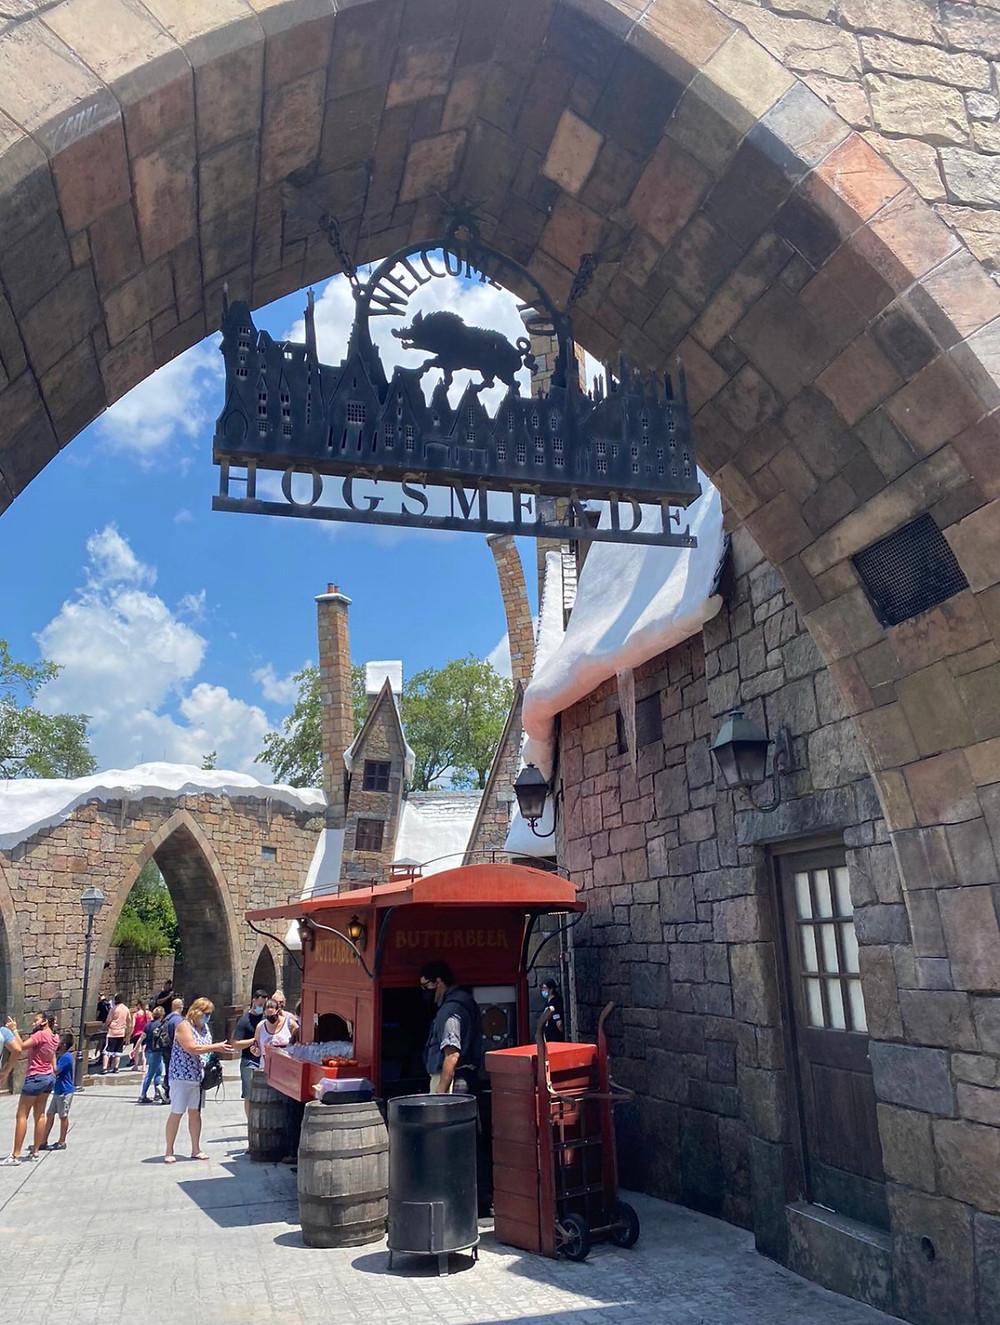 Hogsmeade área dedicada a Harry Potter